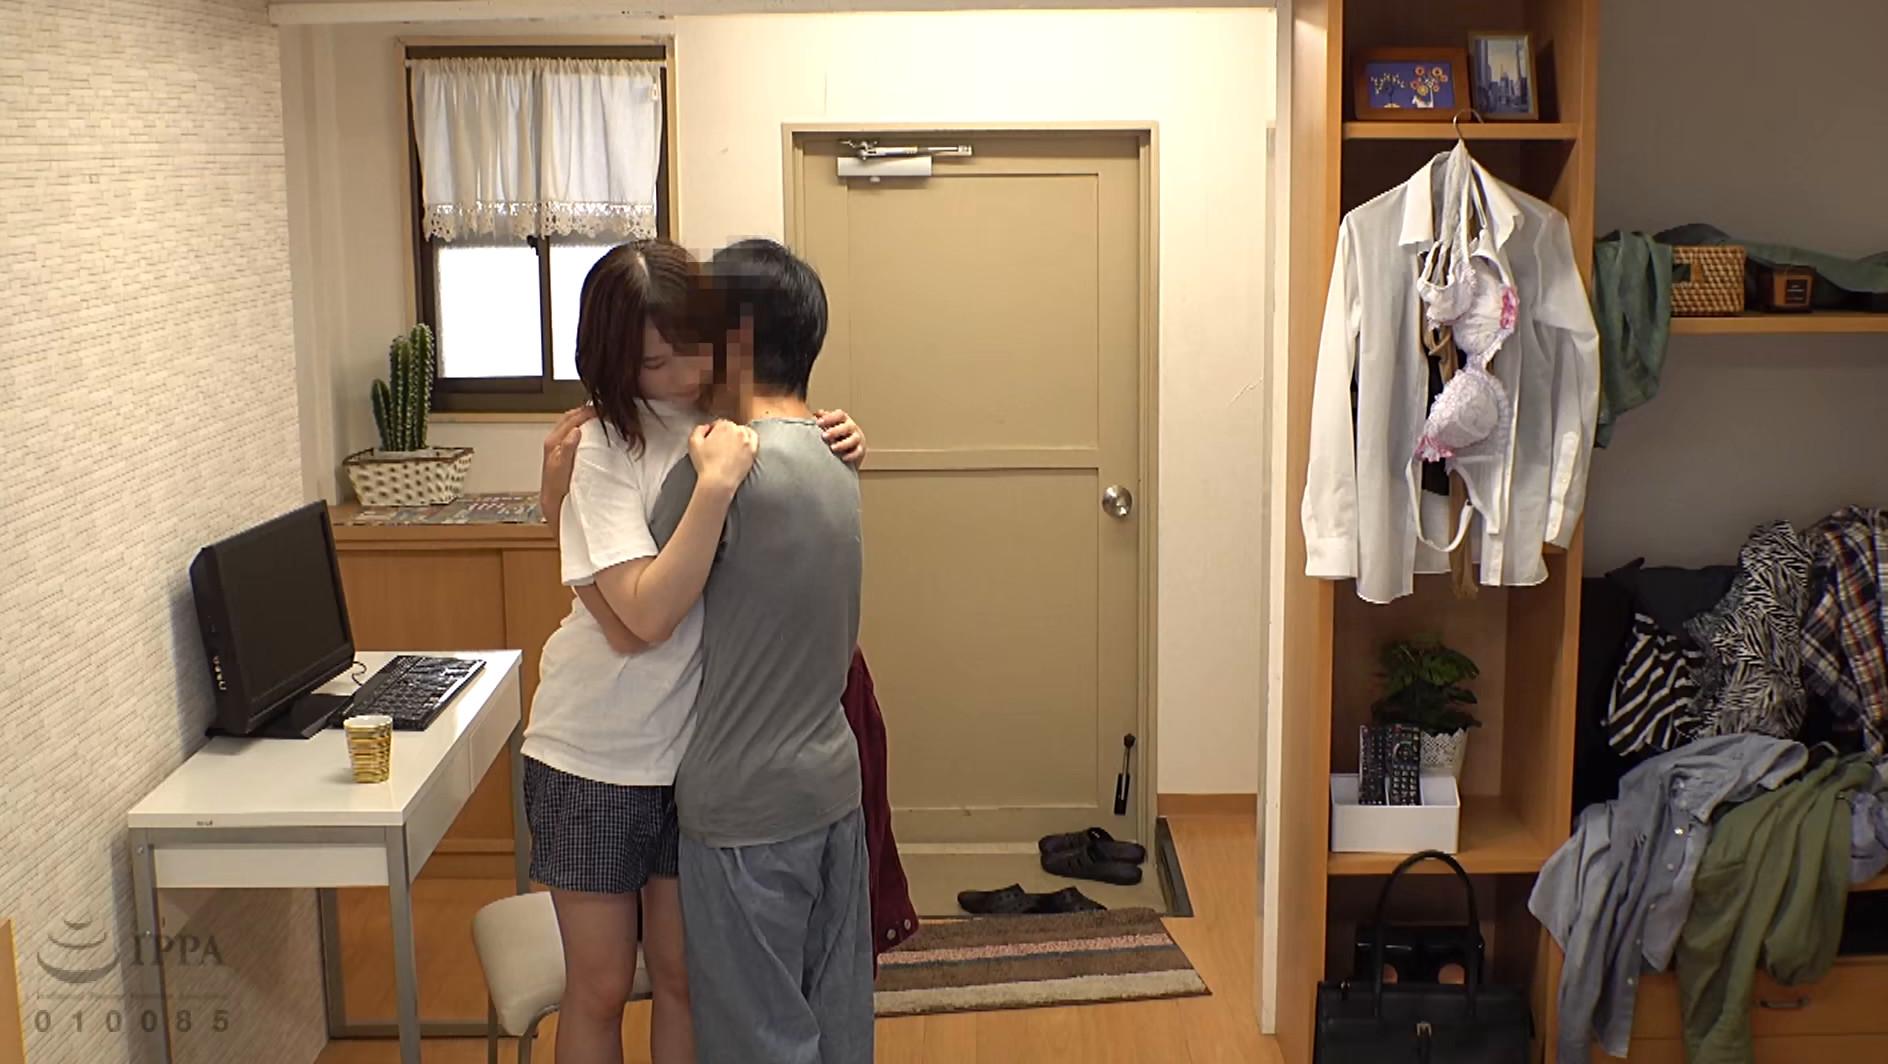 一人暮らしを始めた僕の部屋へ通う姉と近親相姦盗撮性交 画像17